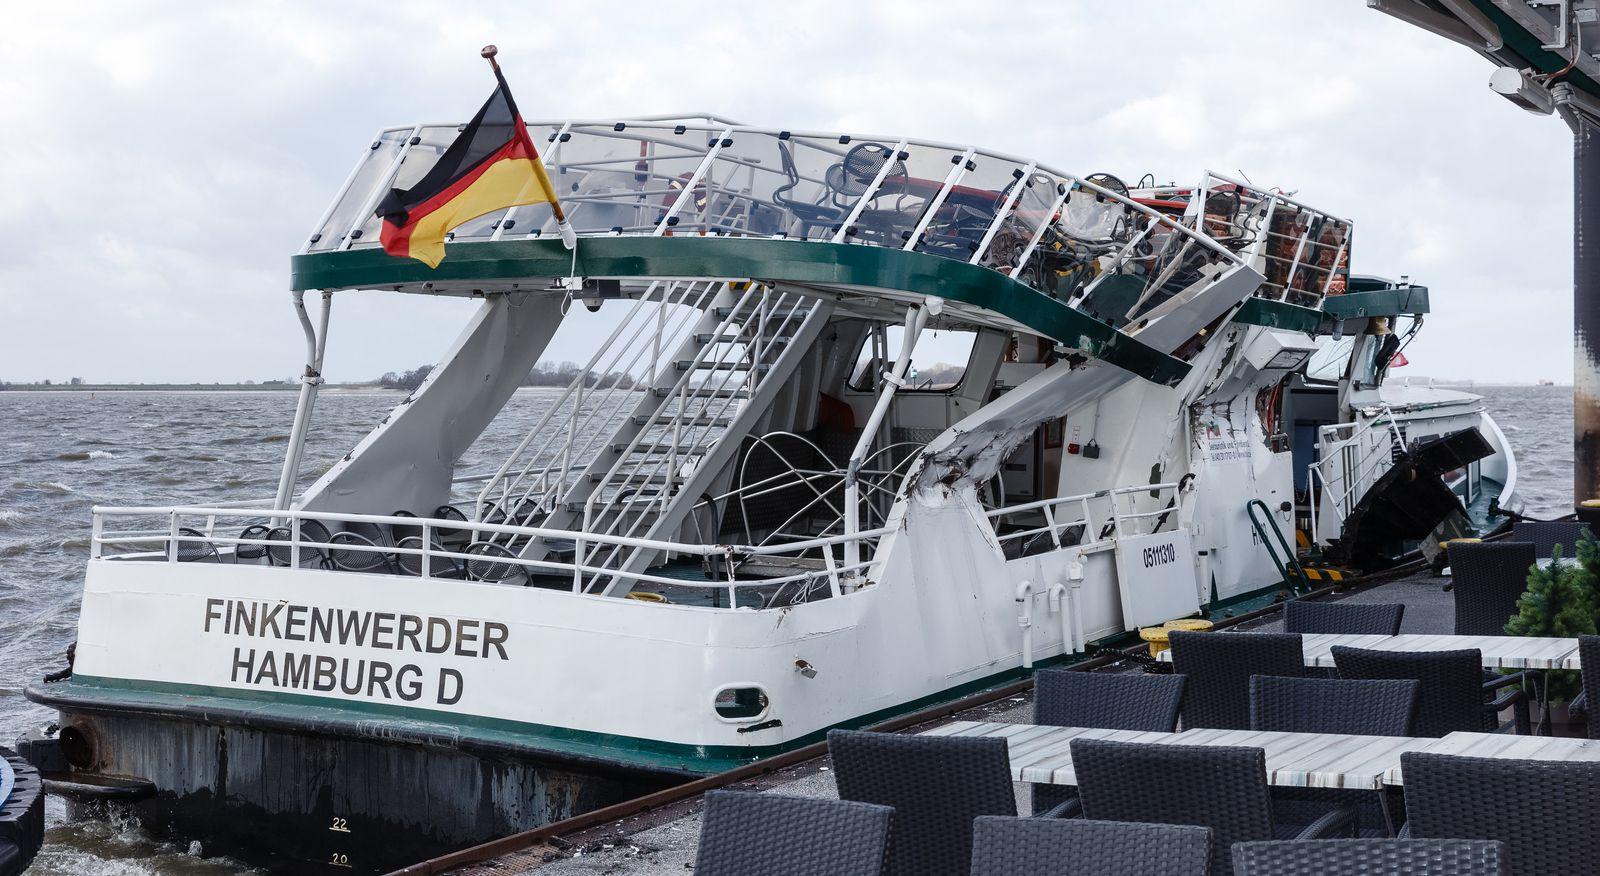 Finkenwerder/ Elbfähre/ Unfall/ Containerschiff